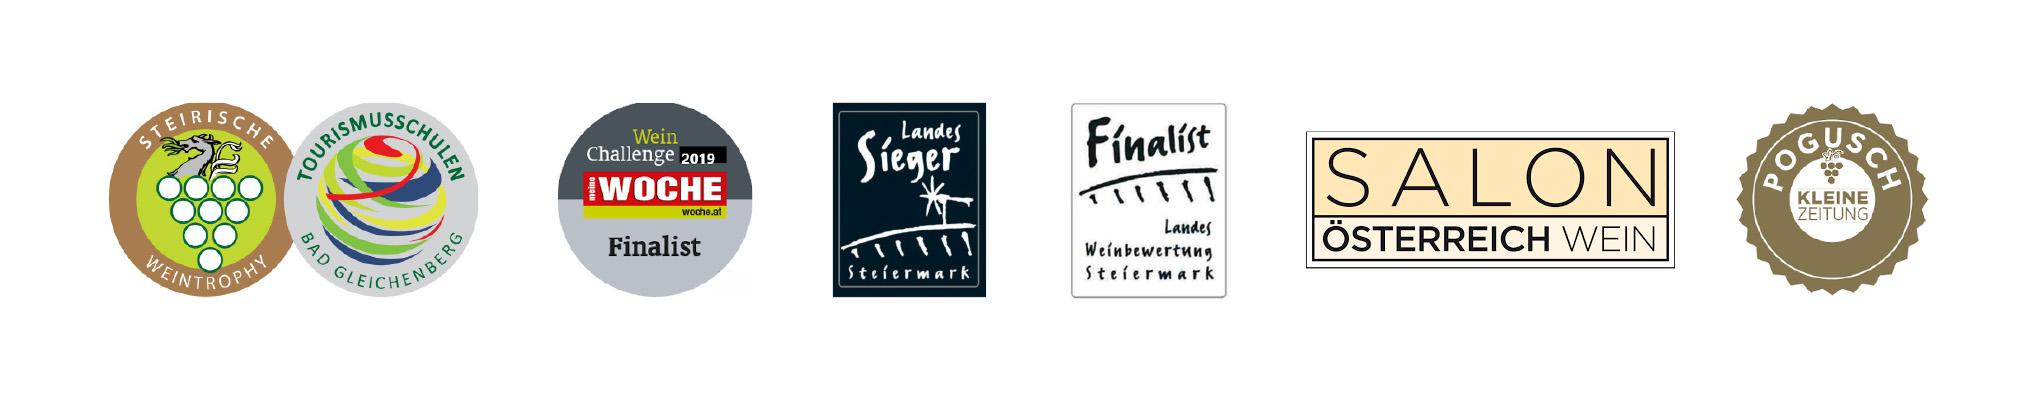 Riegelnegg Stammhaus Weine Auszeichnungen